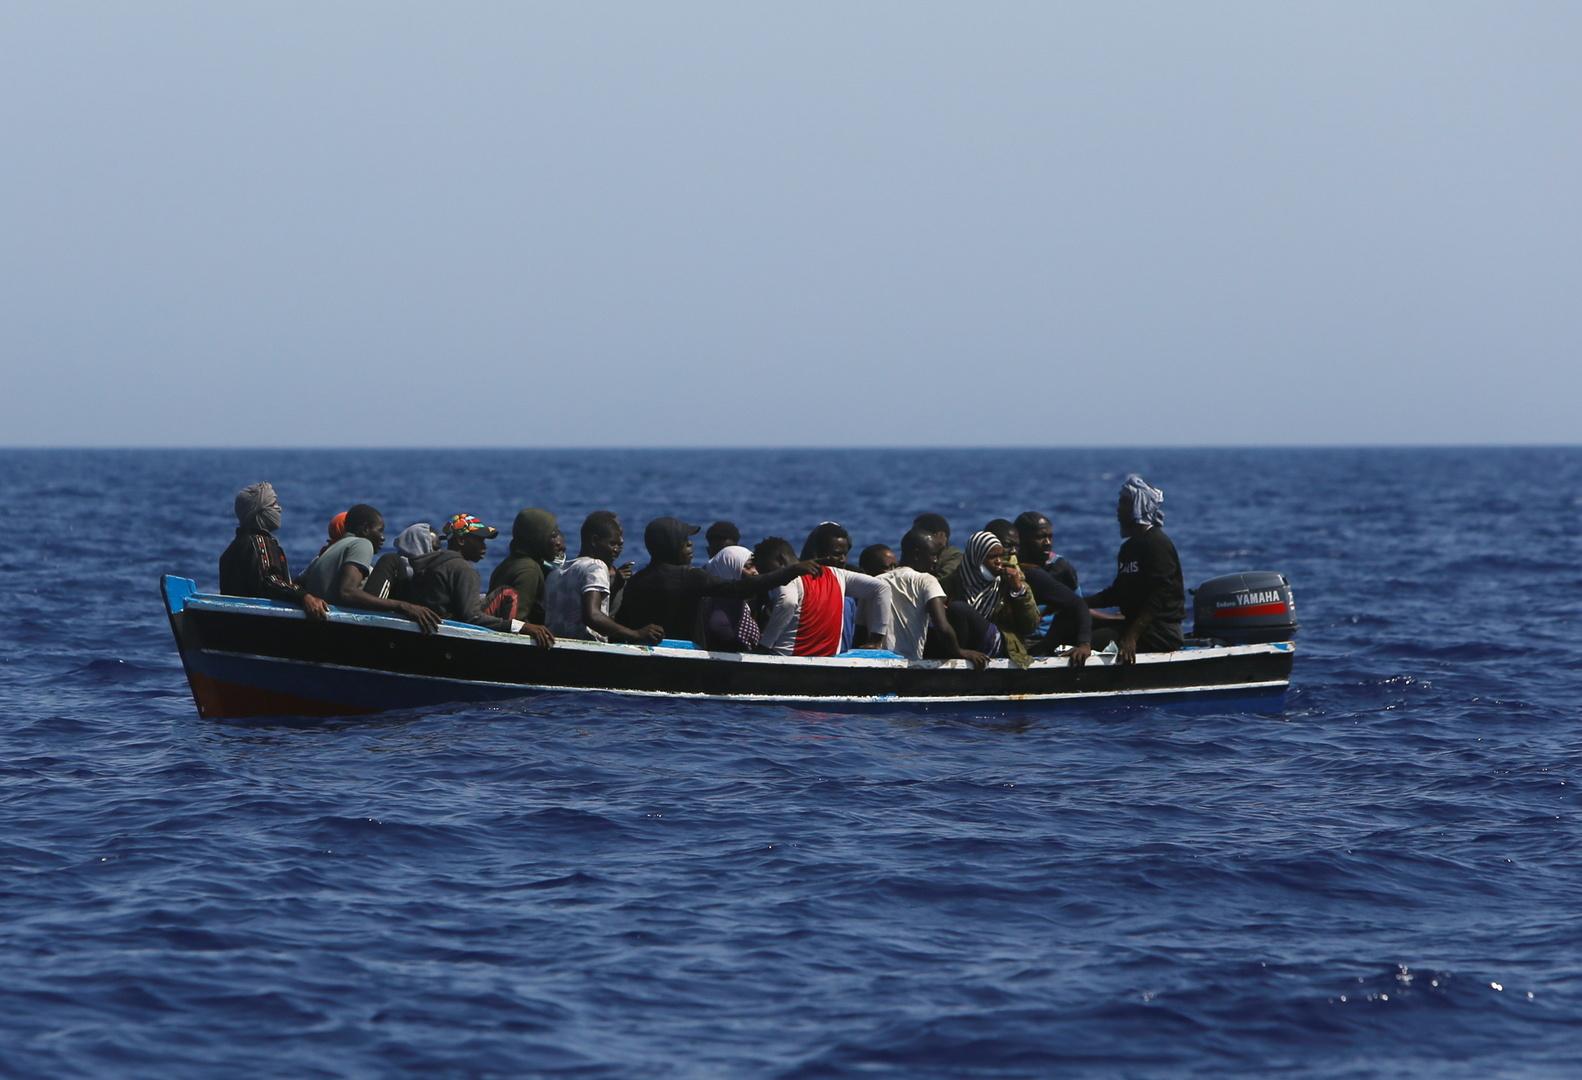 4 قتلى وأكثر من 20 مفقودا جراء غرق قارب مهاجرين قبالة سواحل إسبانيا